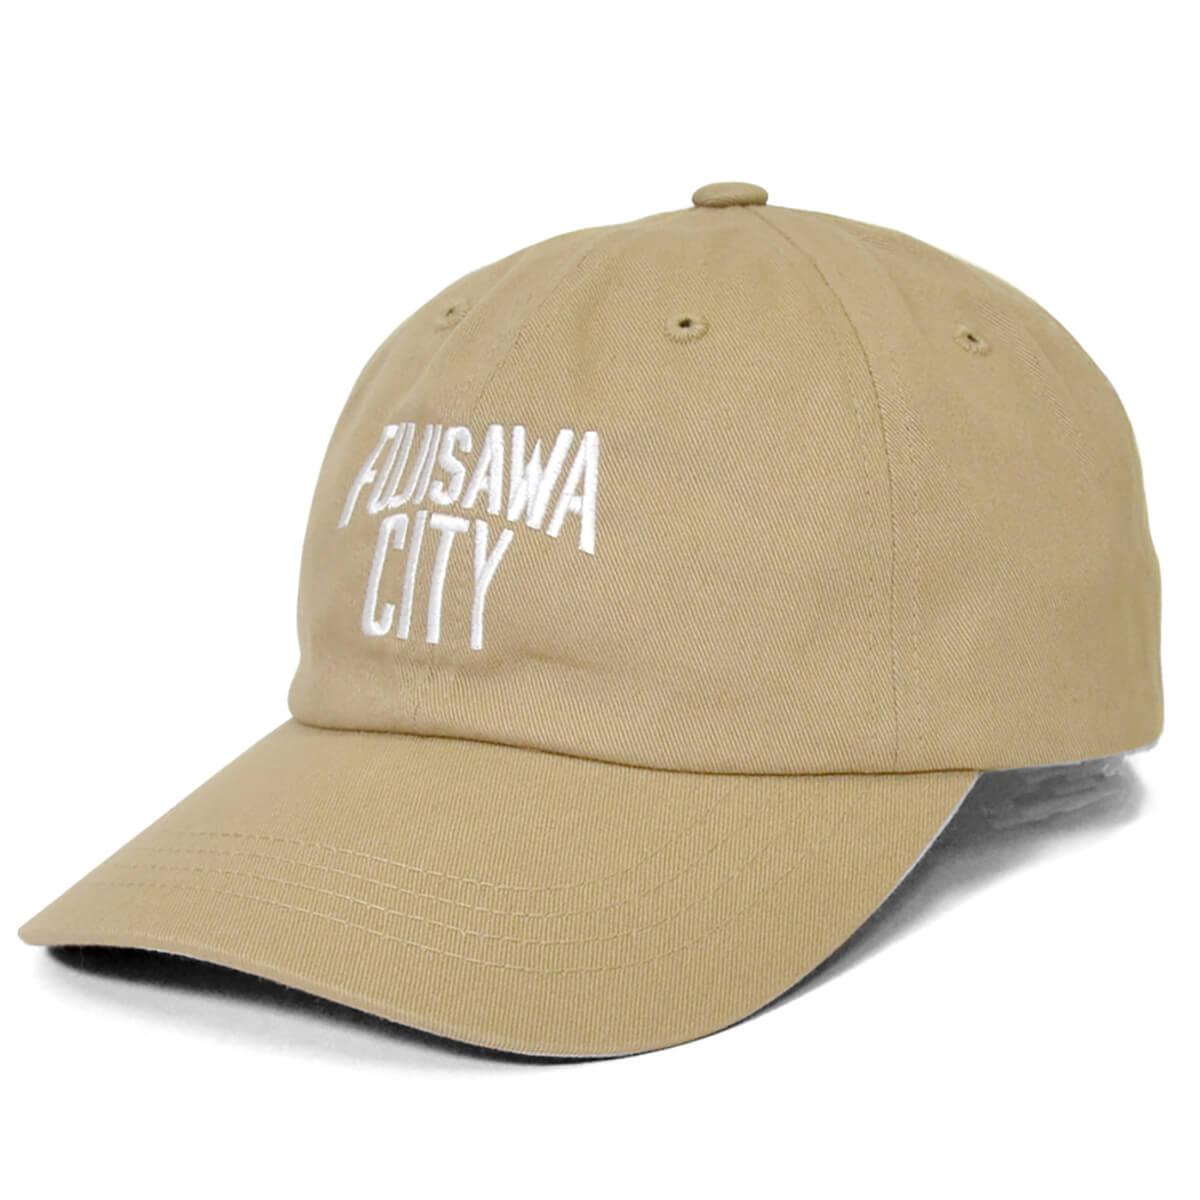 FUJISAWA CITY フジサワシティ LOGO DAD HAT ボールキャップ KHAKI カーキ